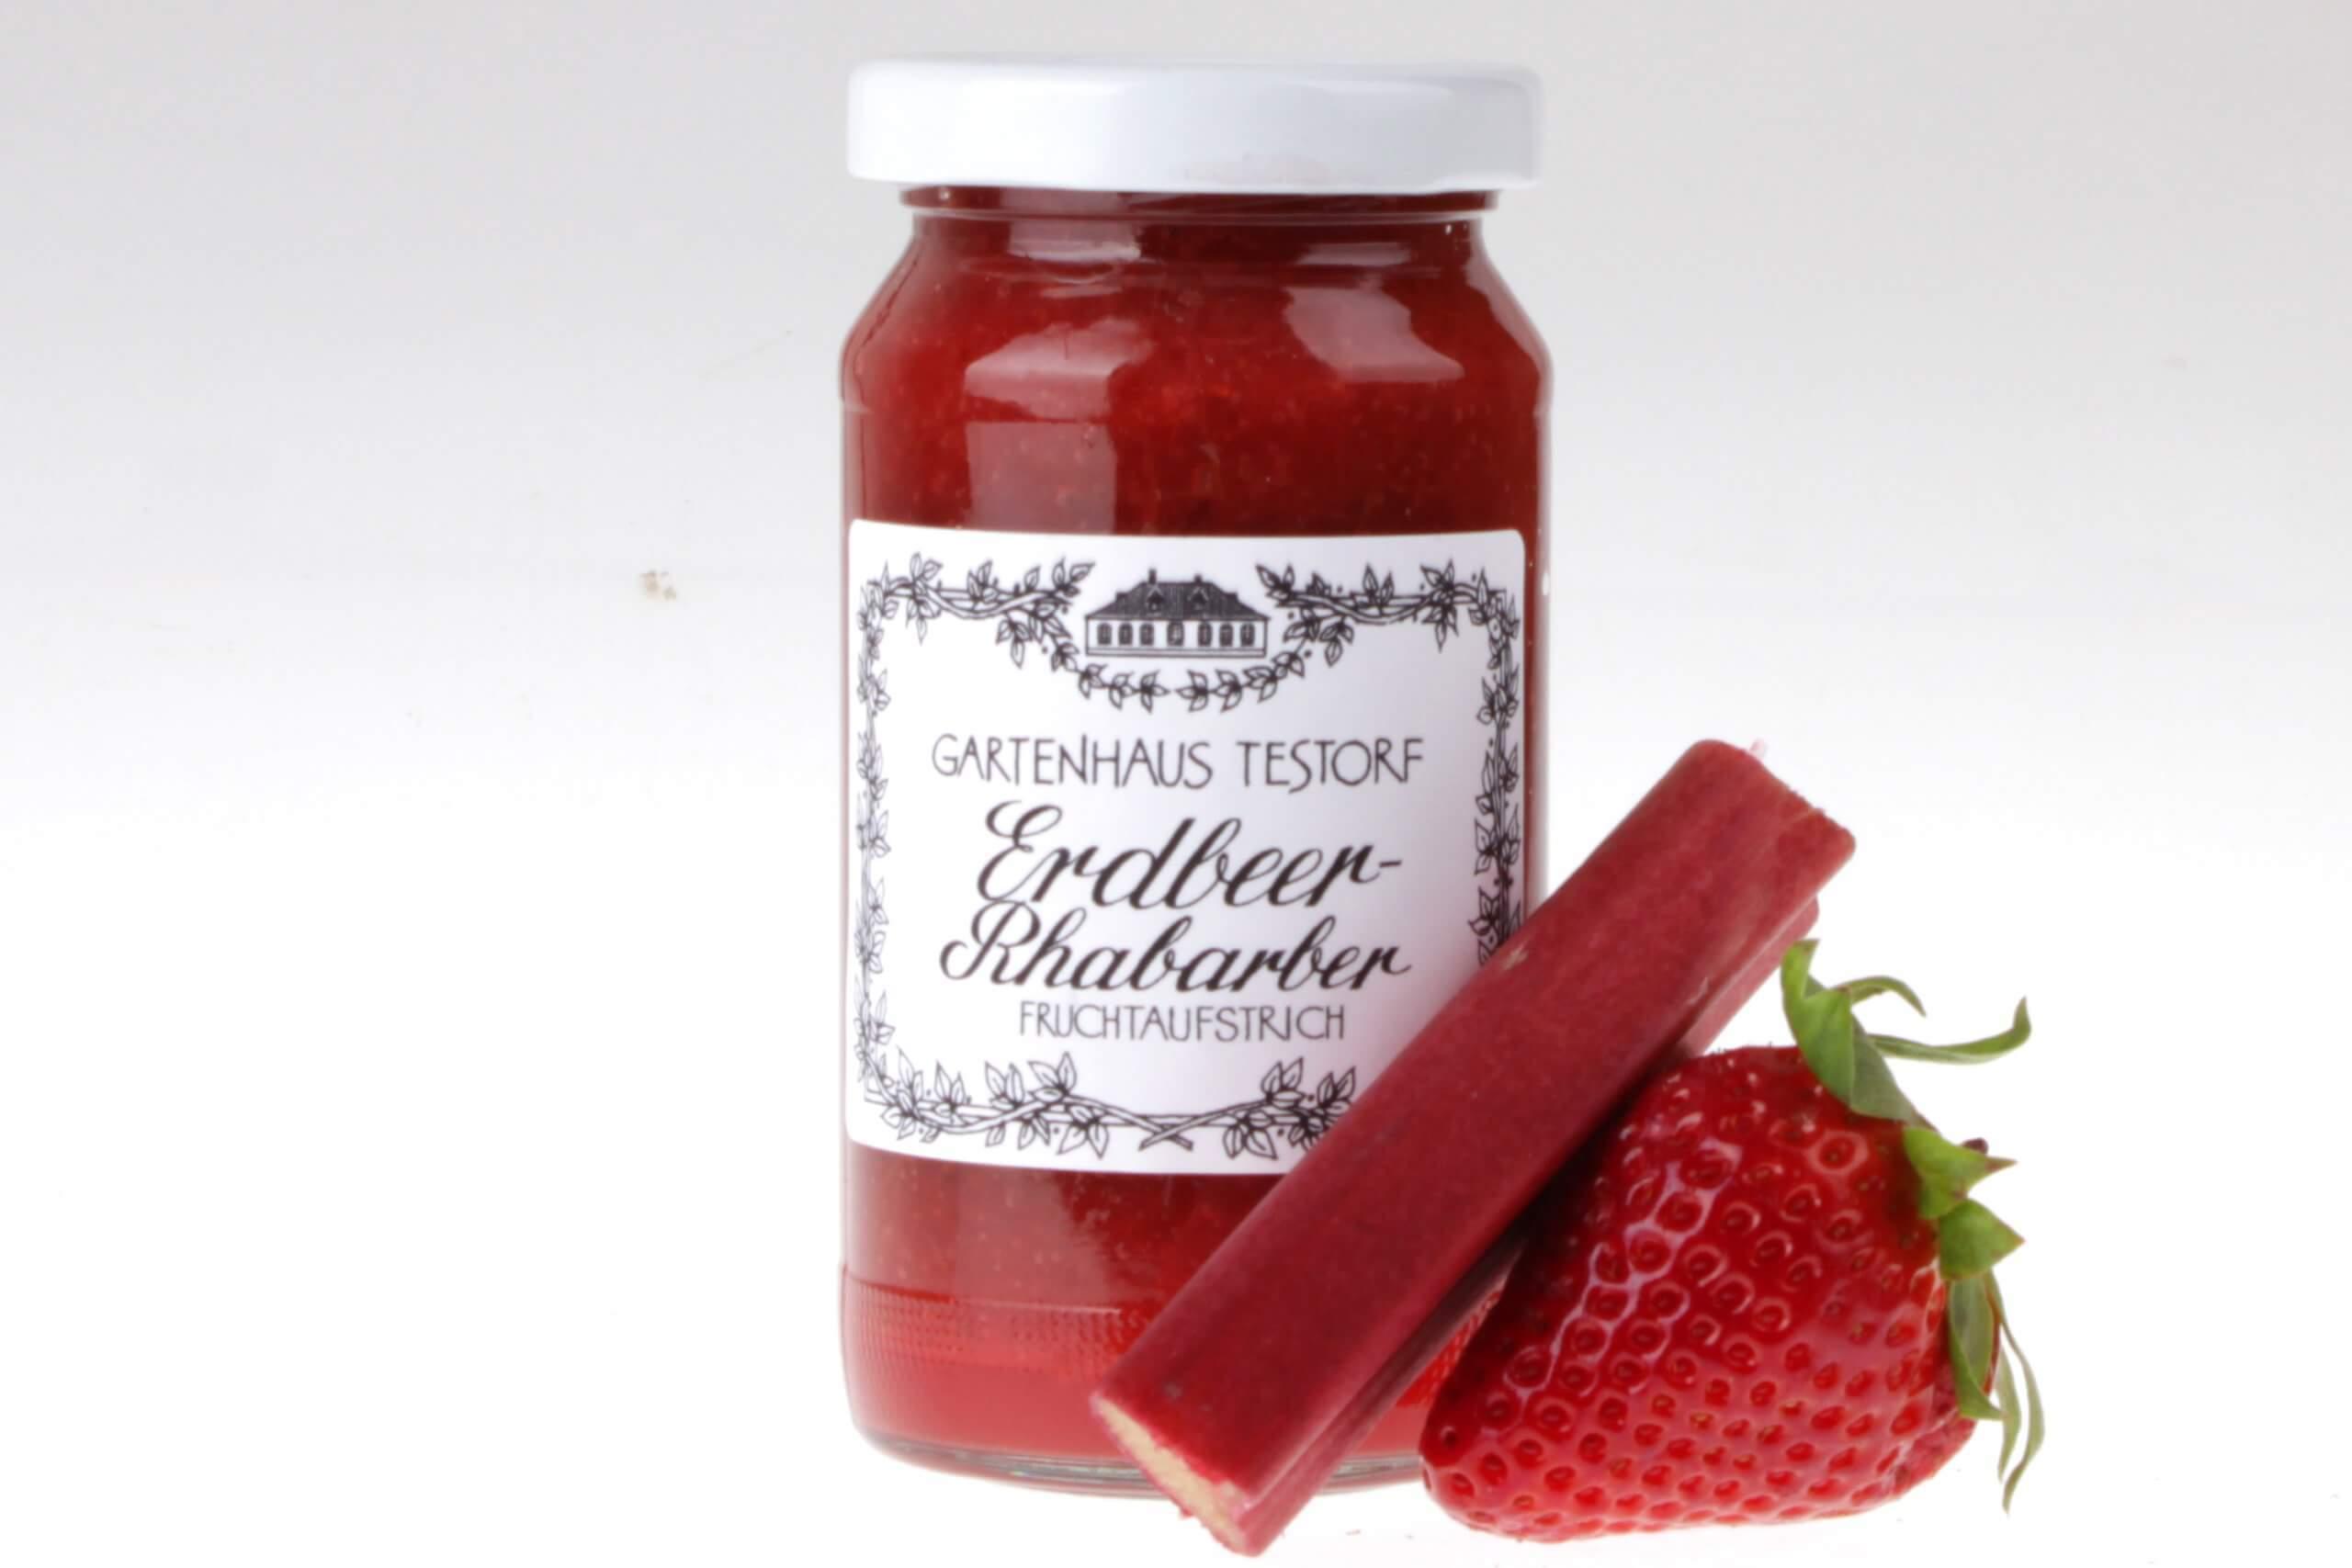 Erdbeer Rhabarber Marmelade von feinjemacht